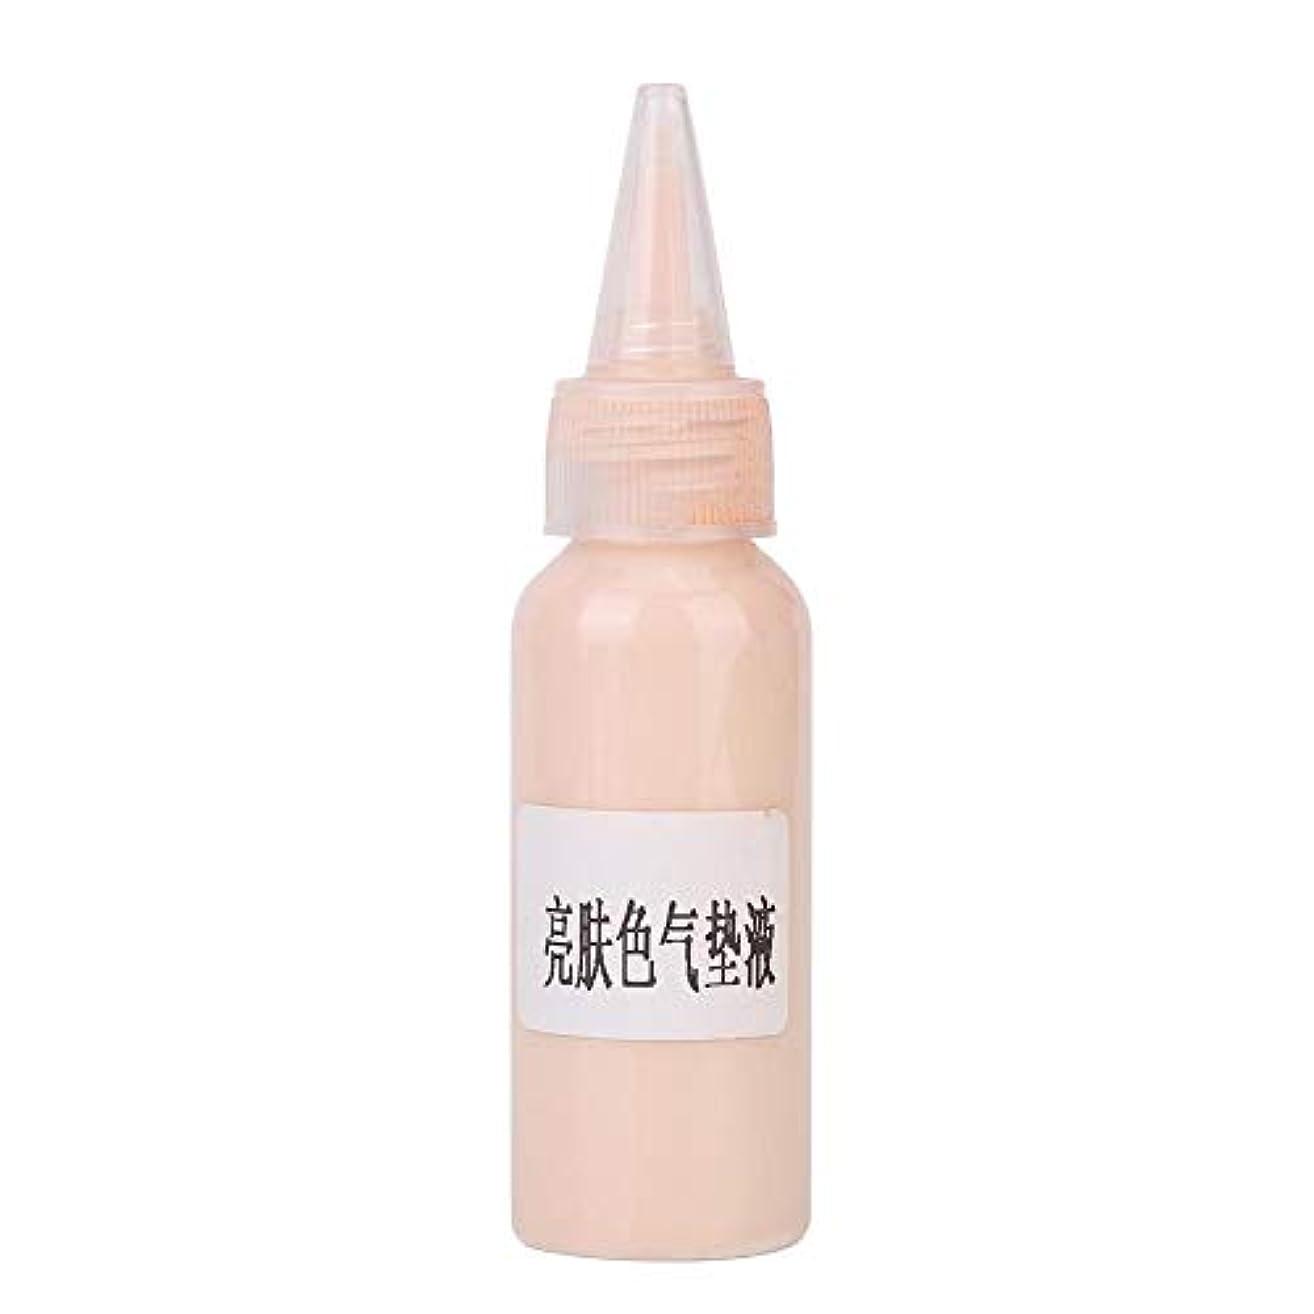 スズメバチ排気完了30g DIY リキッドファンデーション 化粧品 肌の調子 コンシーラーリキッドエアクッションリキッド(01)